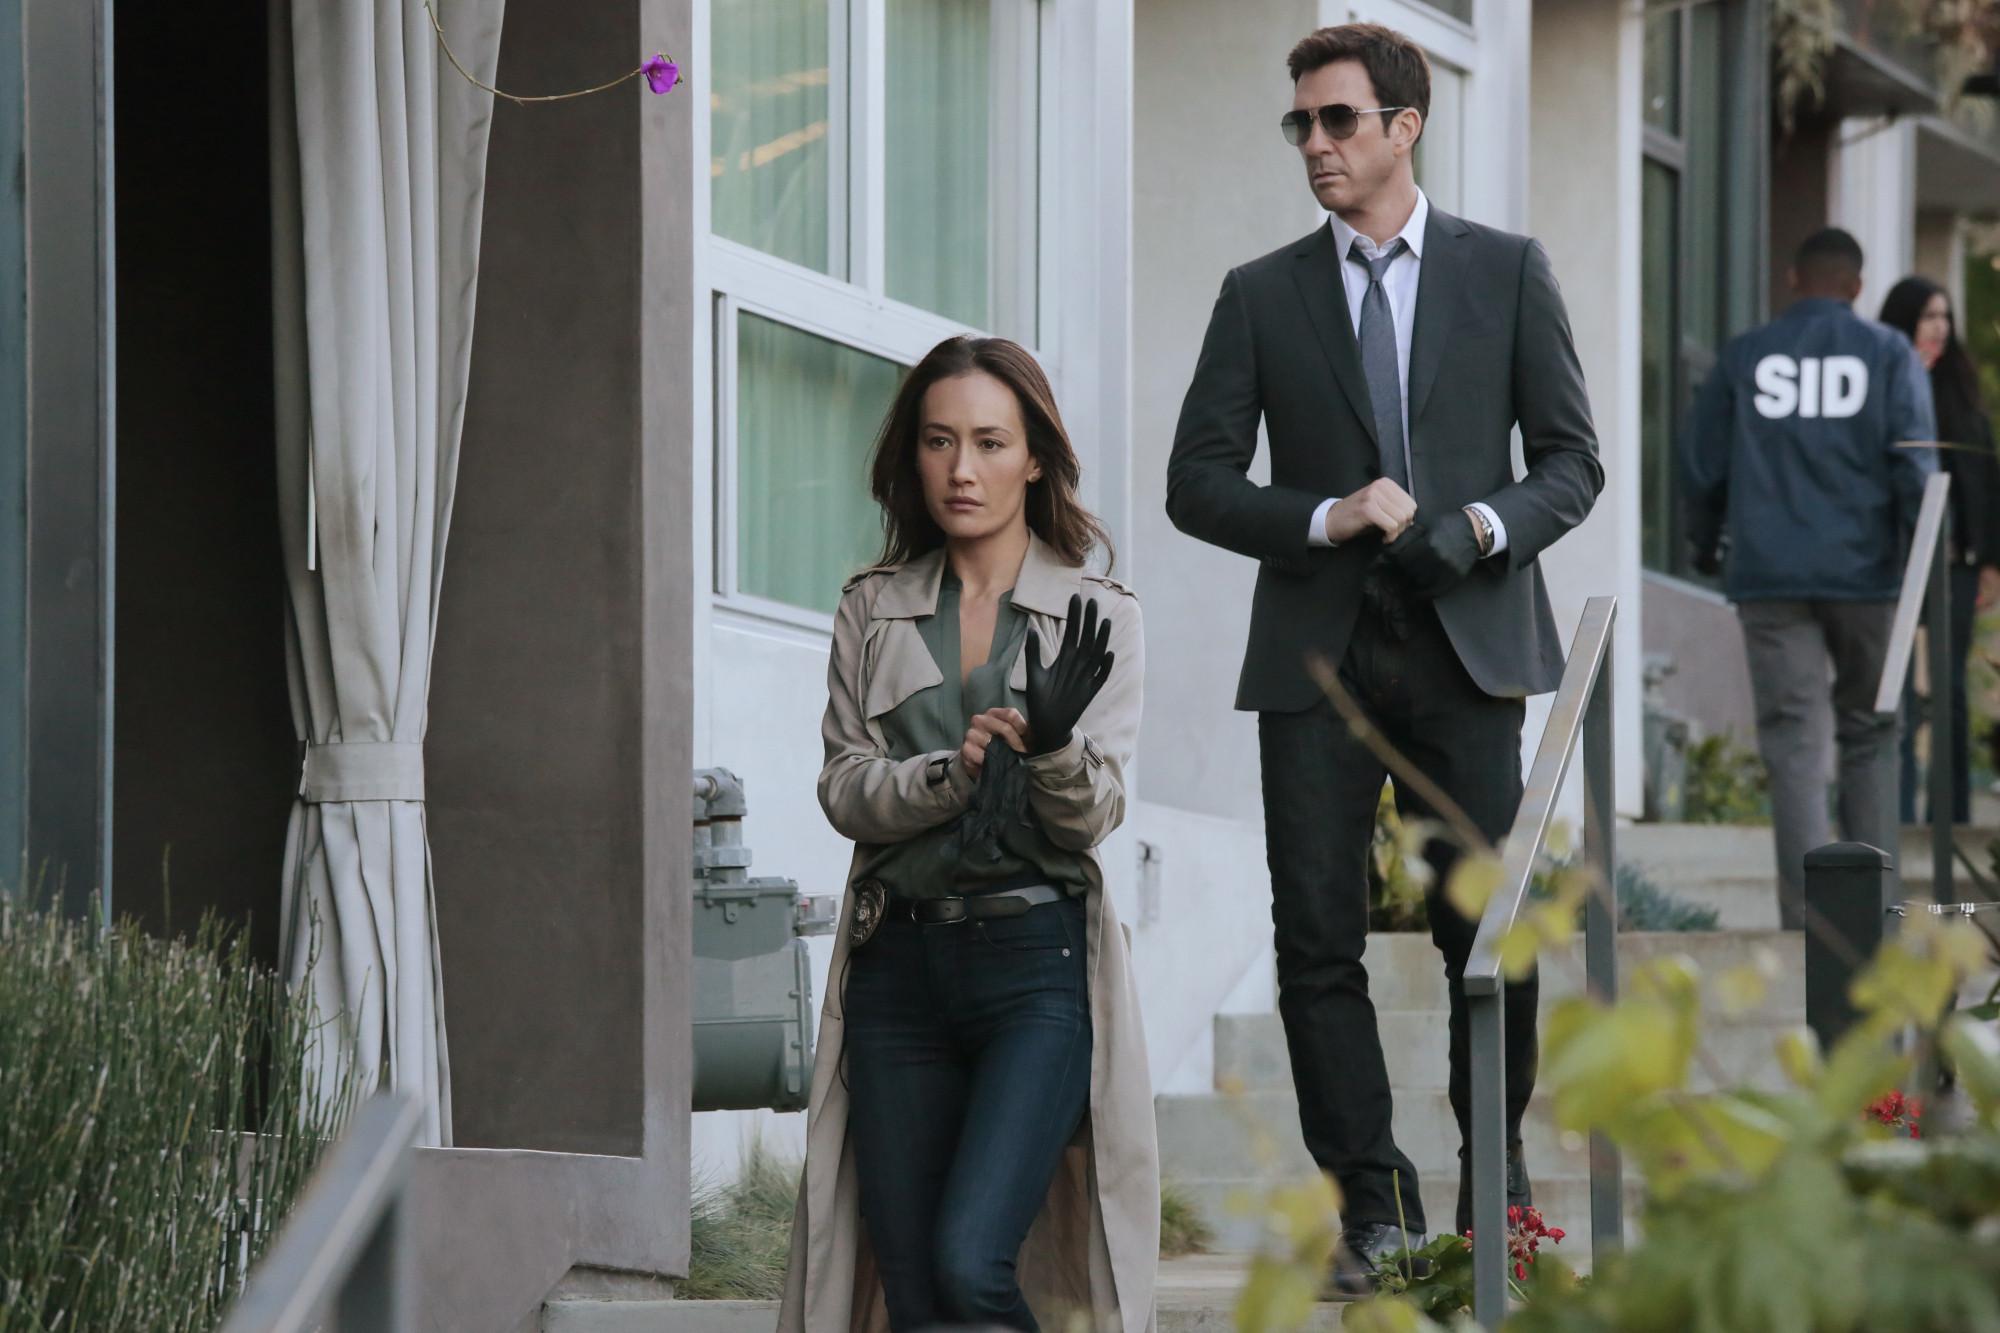 ABC - s - Modern Family - Los Ángeles casa se vende por $ millones - LA Times (agente de bienes raíces)